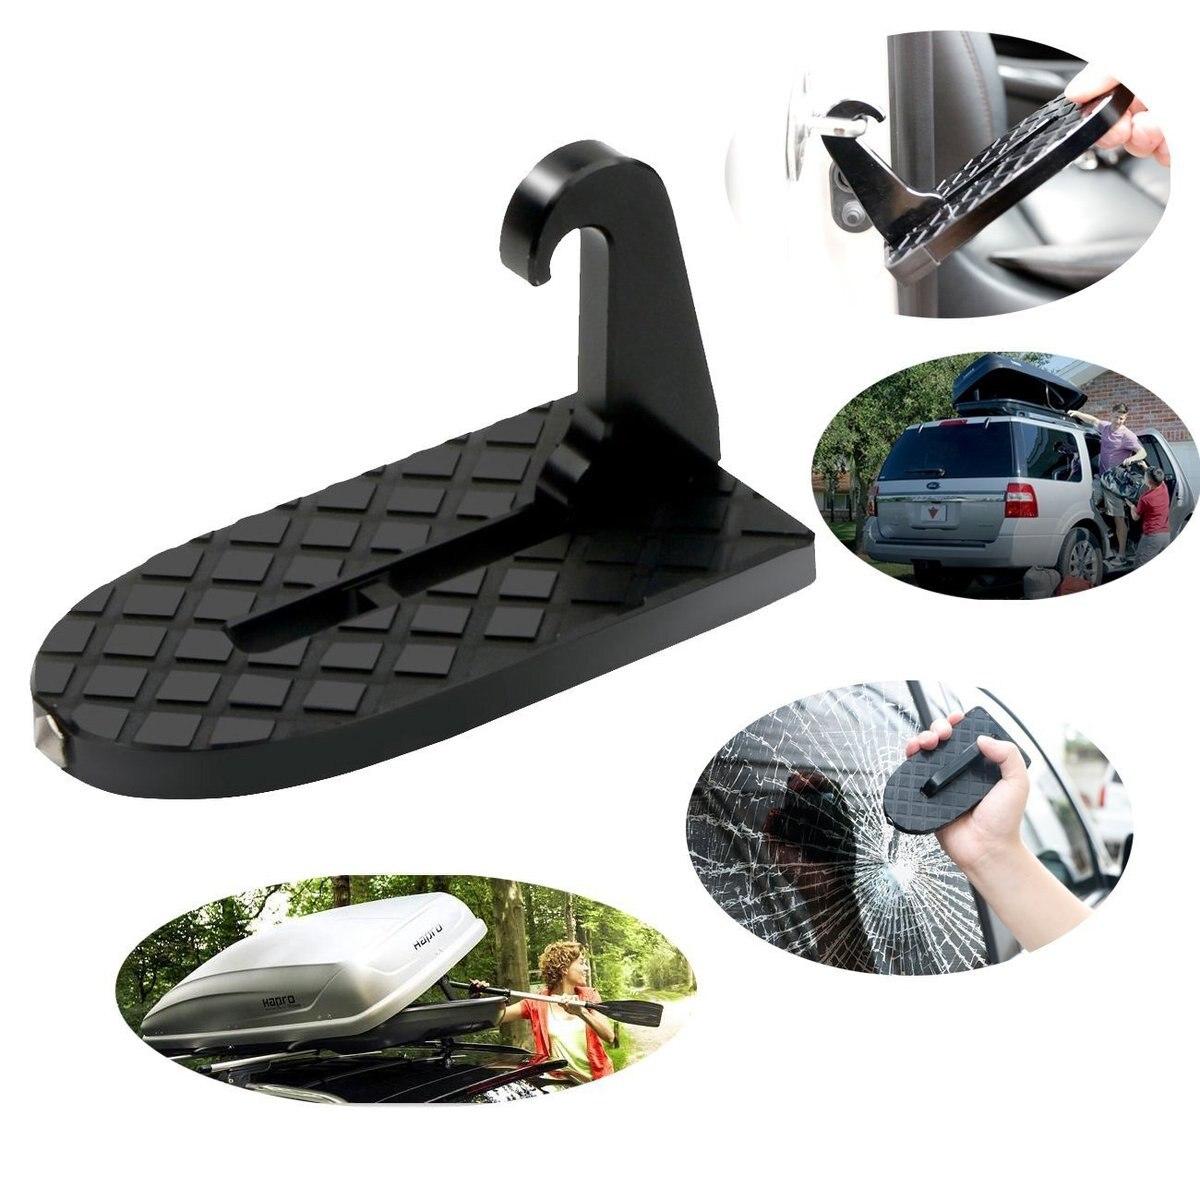 Nuevo llega el producto vehículo azotea Roof Rack asistencia Acess fácil la puerta enganchado en coche SUV 4X4 Slam cierre puerta